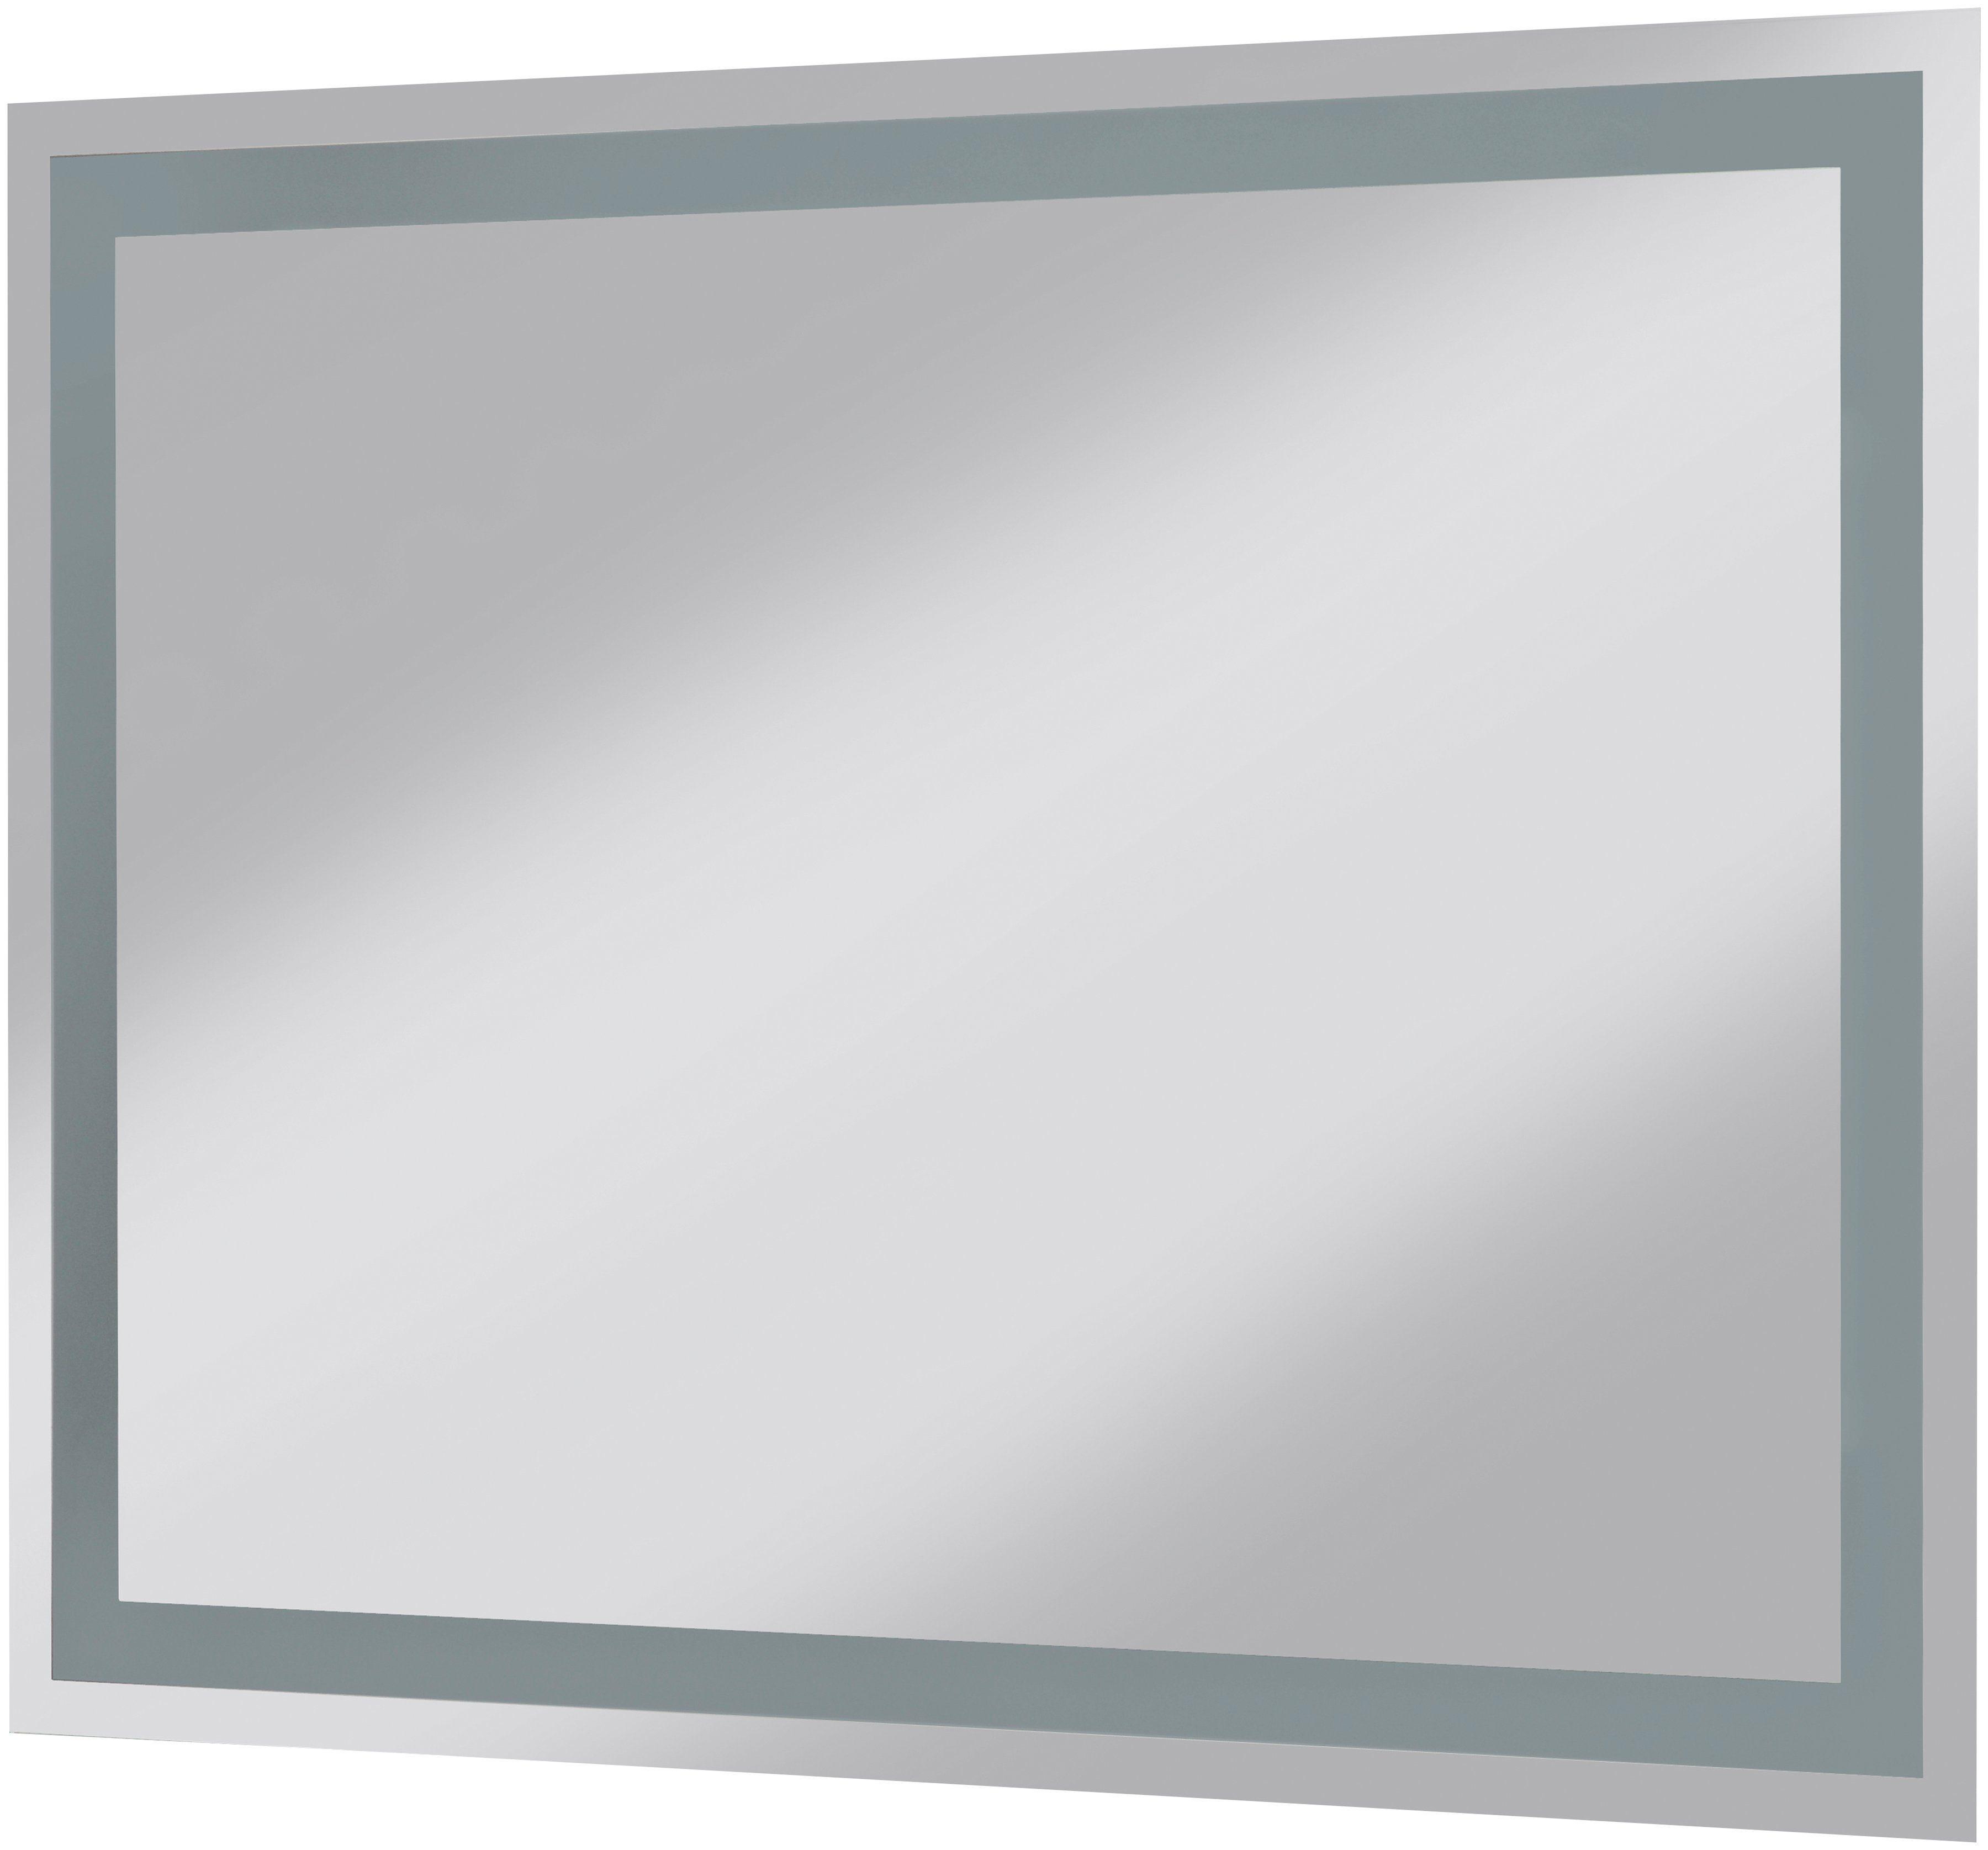 Posseik Spiegel / Badspiegel »York«, Breite 80 cm, mit Beleuchtung